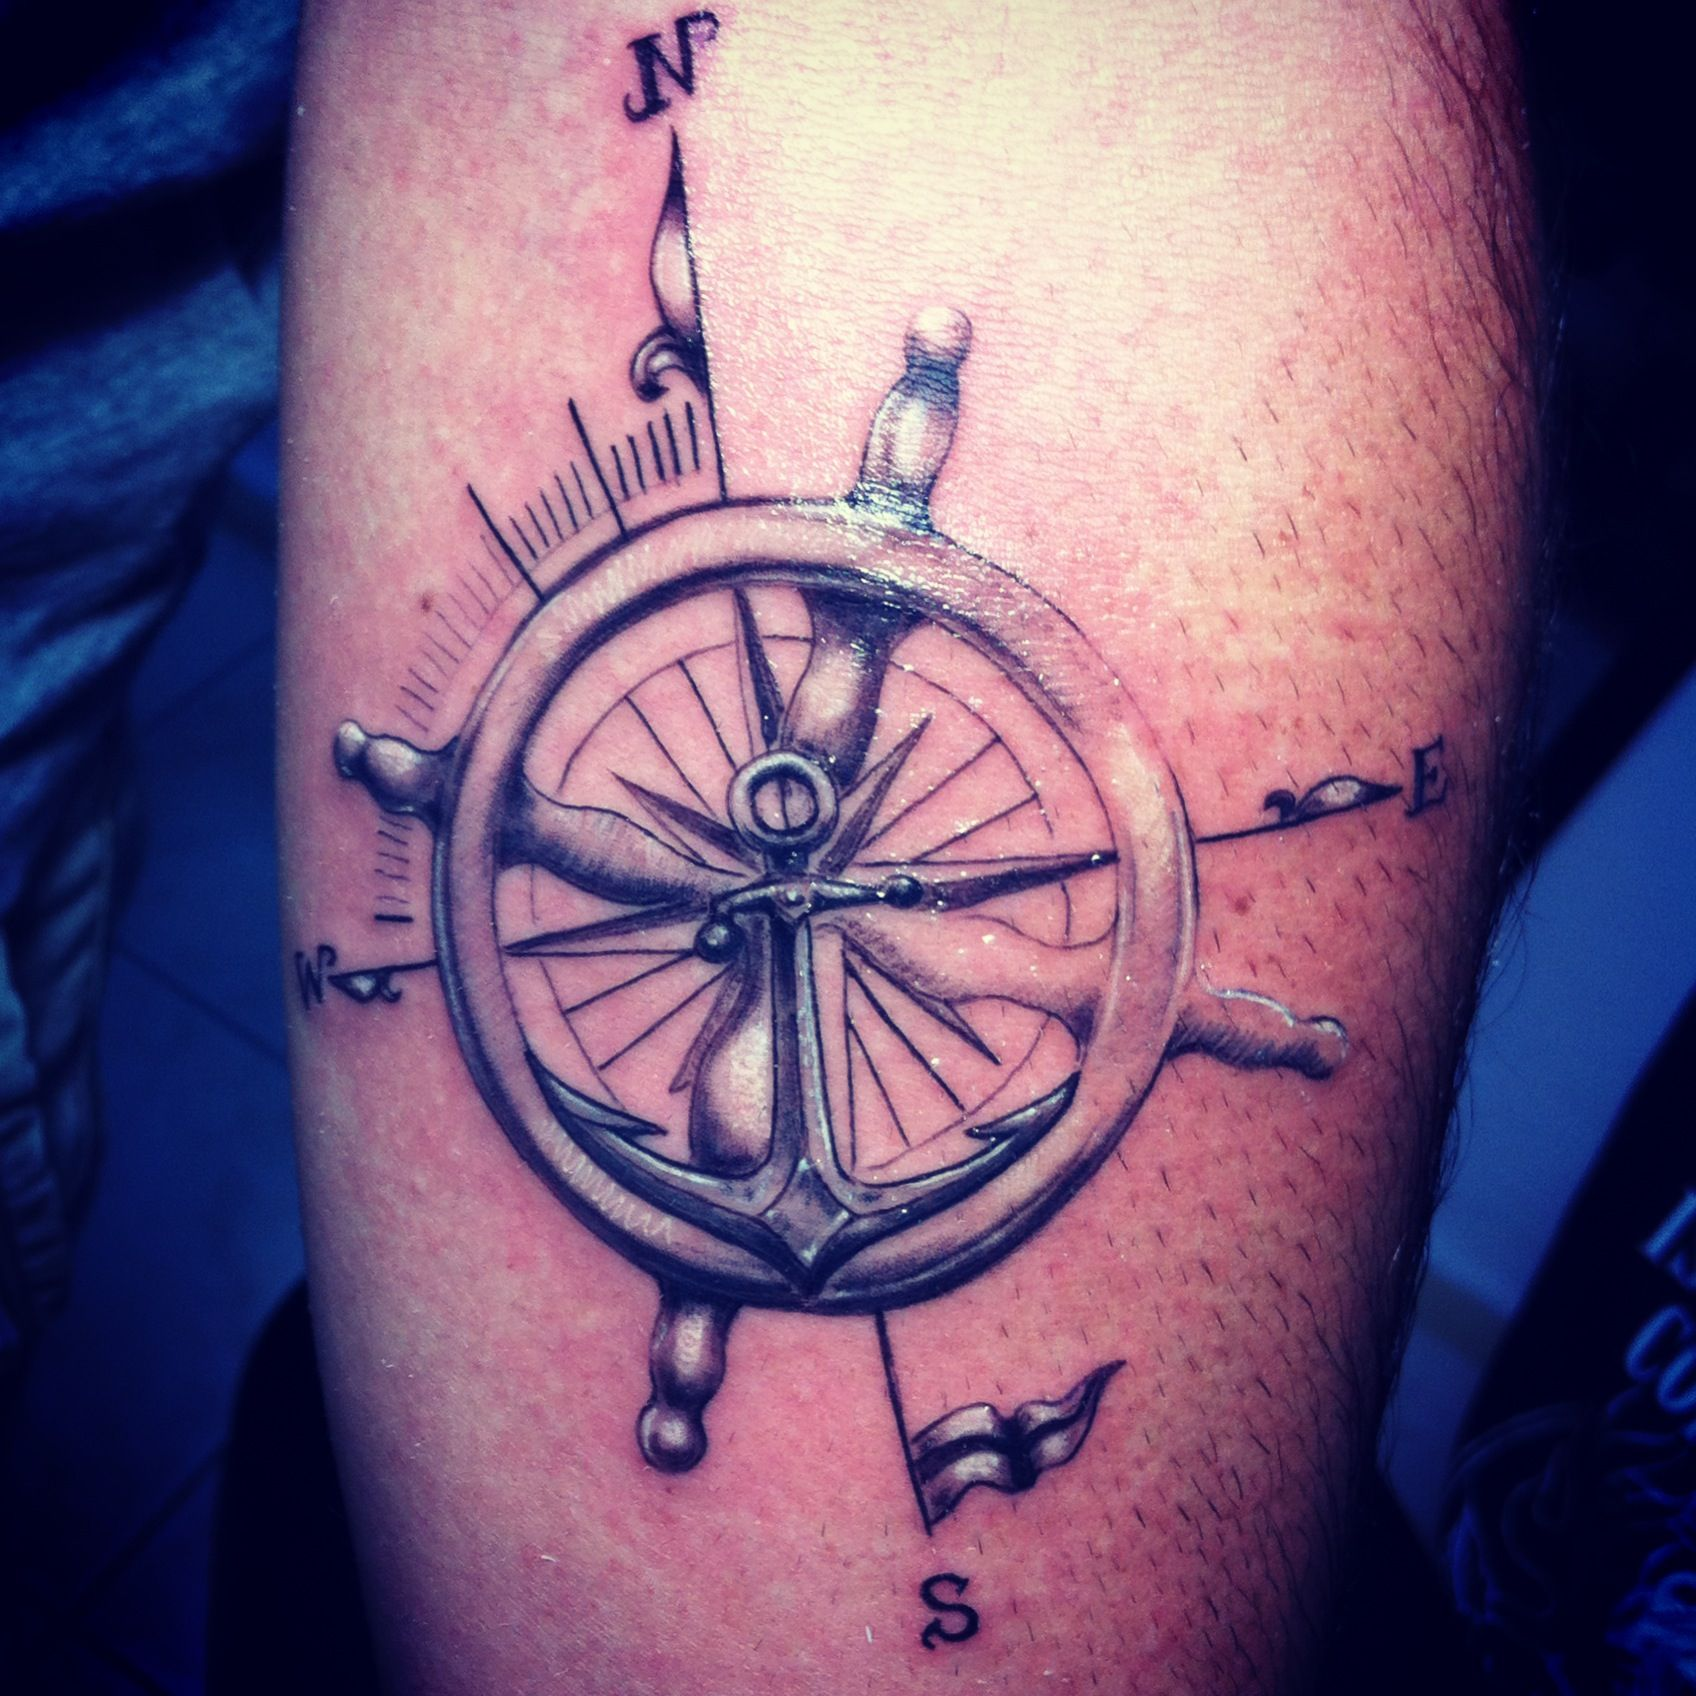 Compas Tattoo Custom Design Dikel's Art Studio Burak Dikel